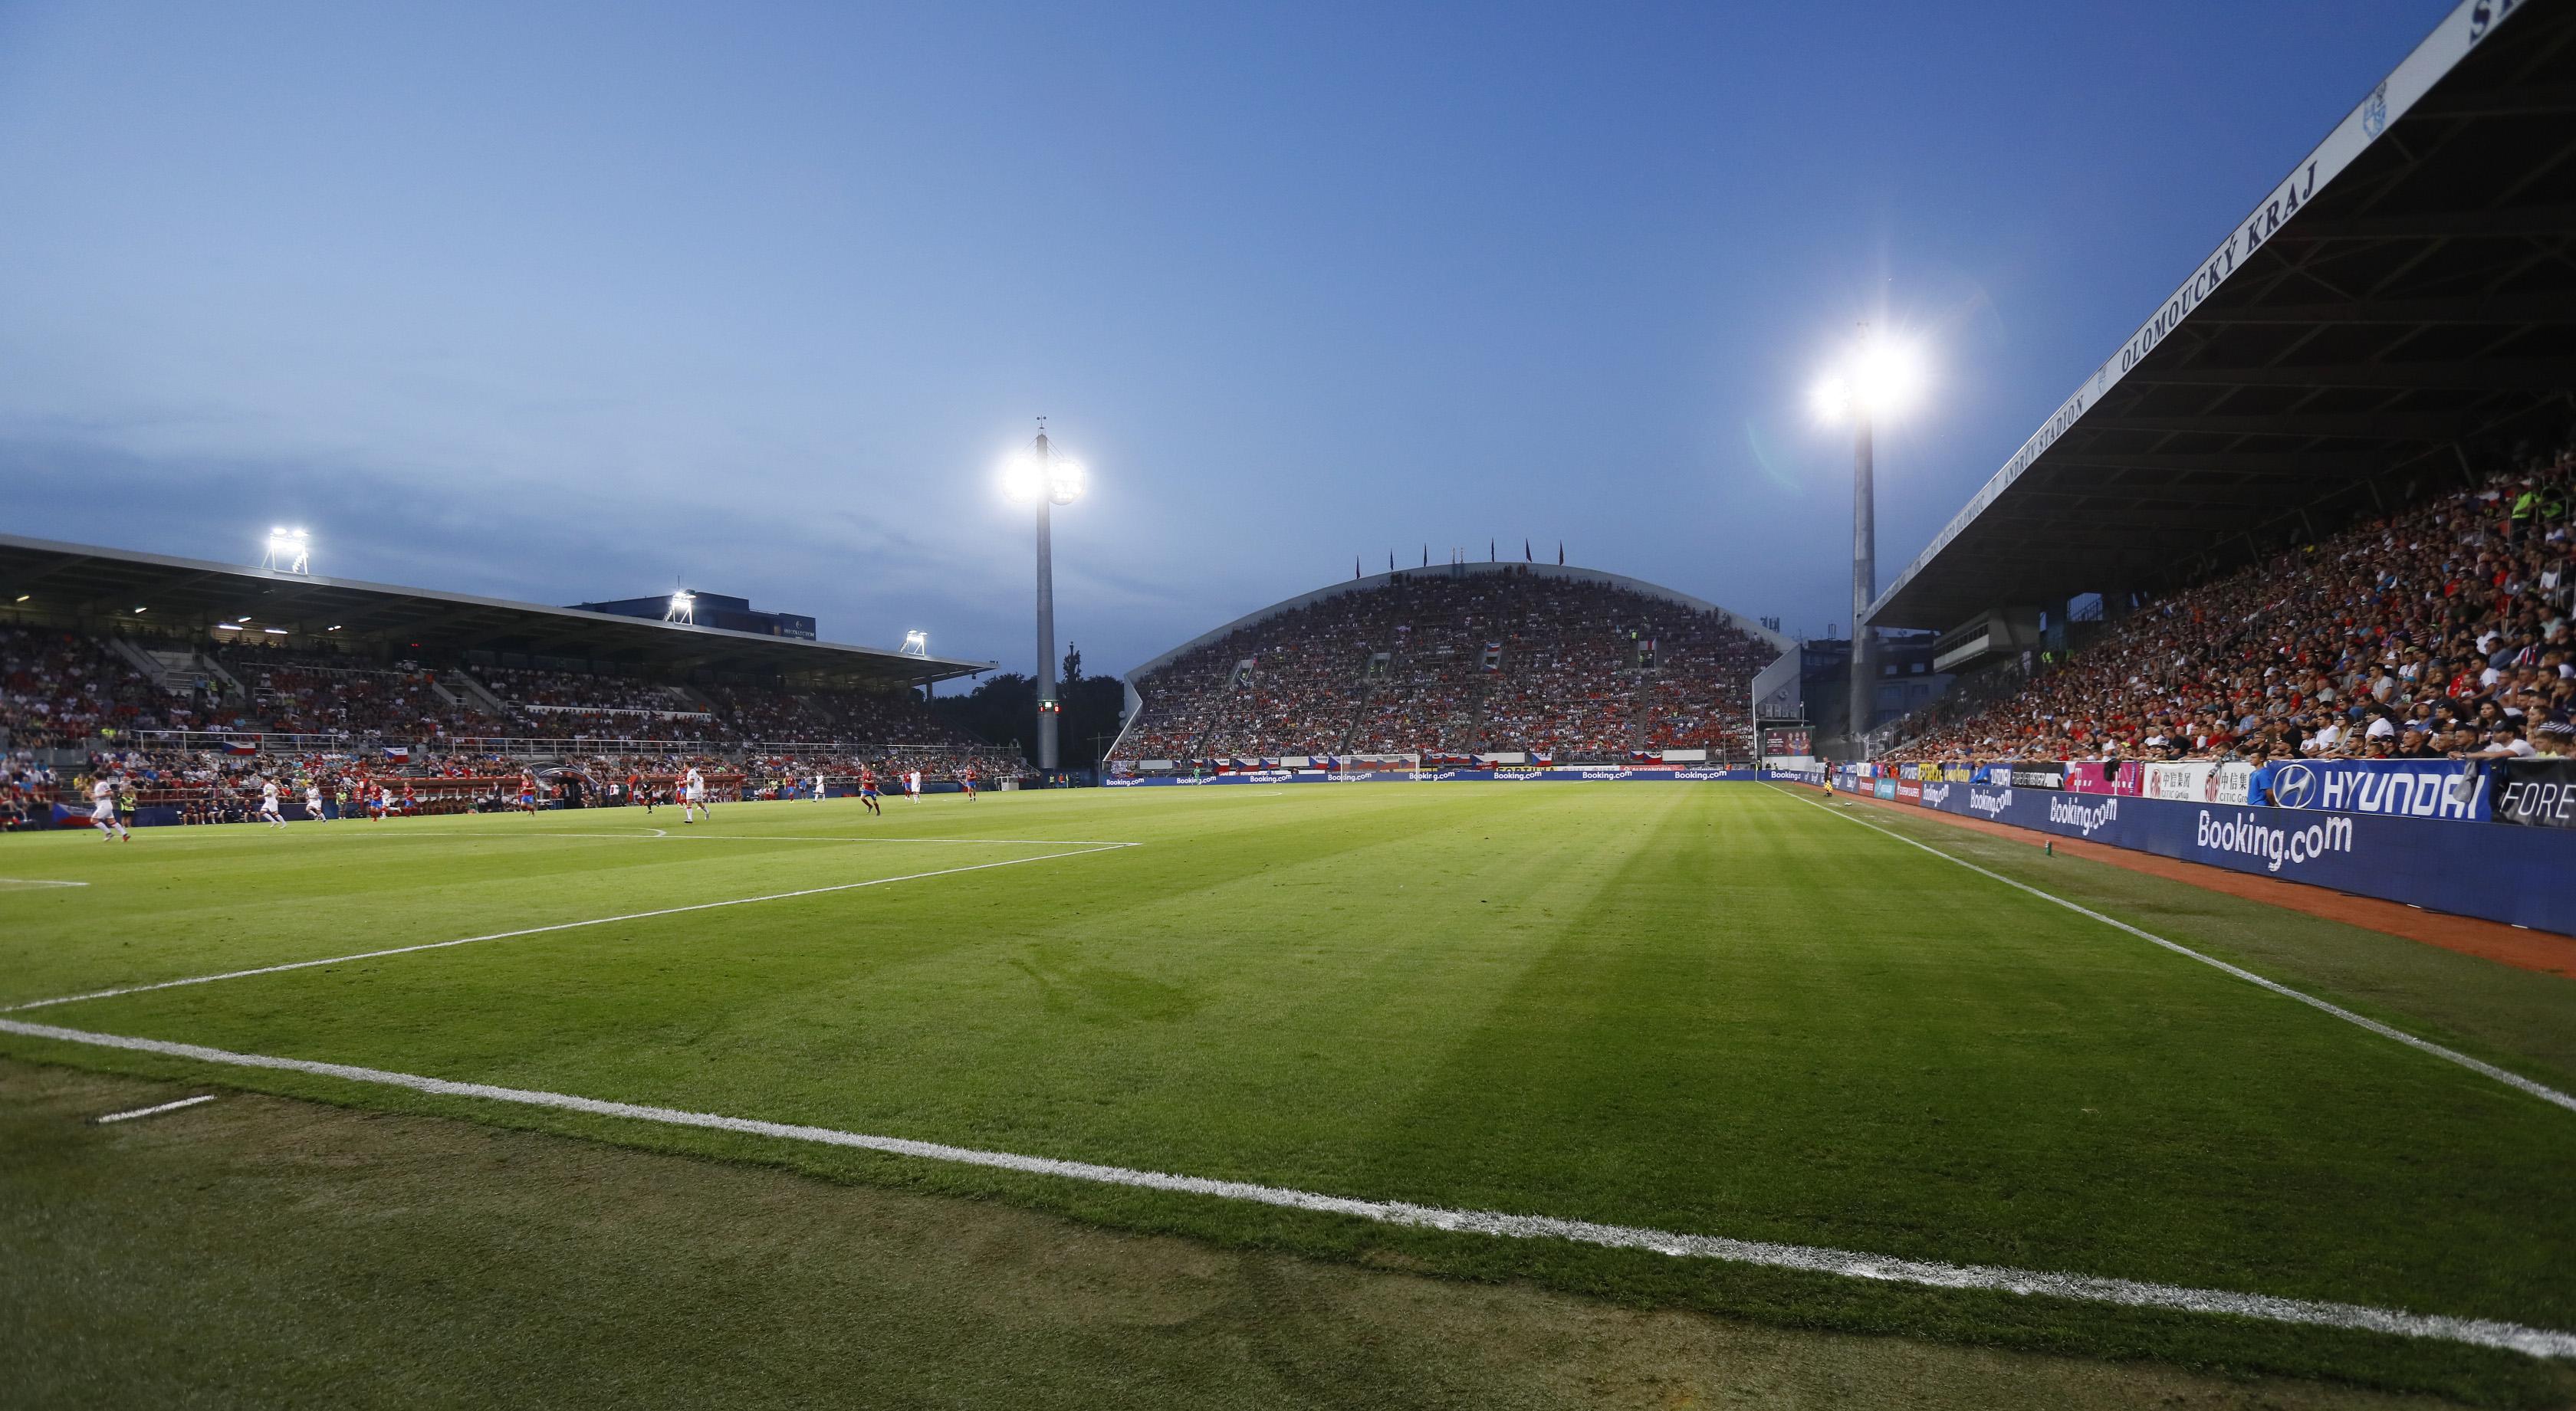 Reprezentace bude v září hrát v Bratislavě a Olomouci